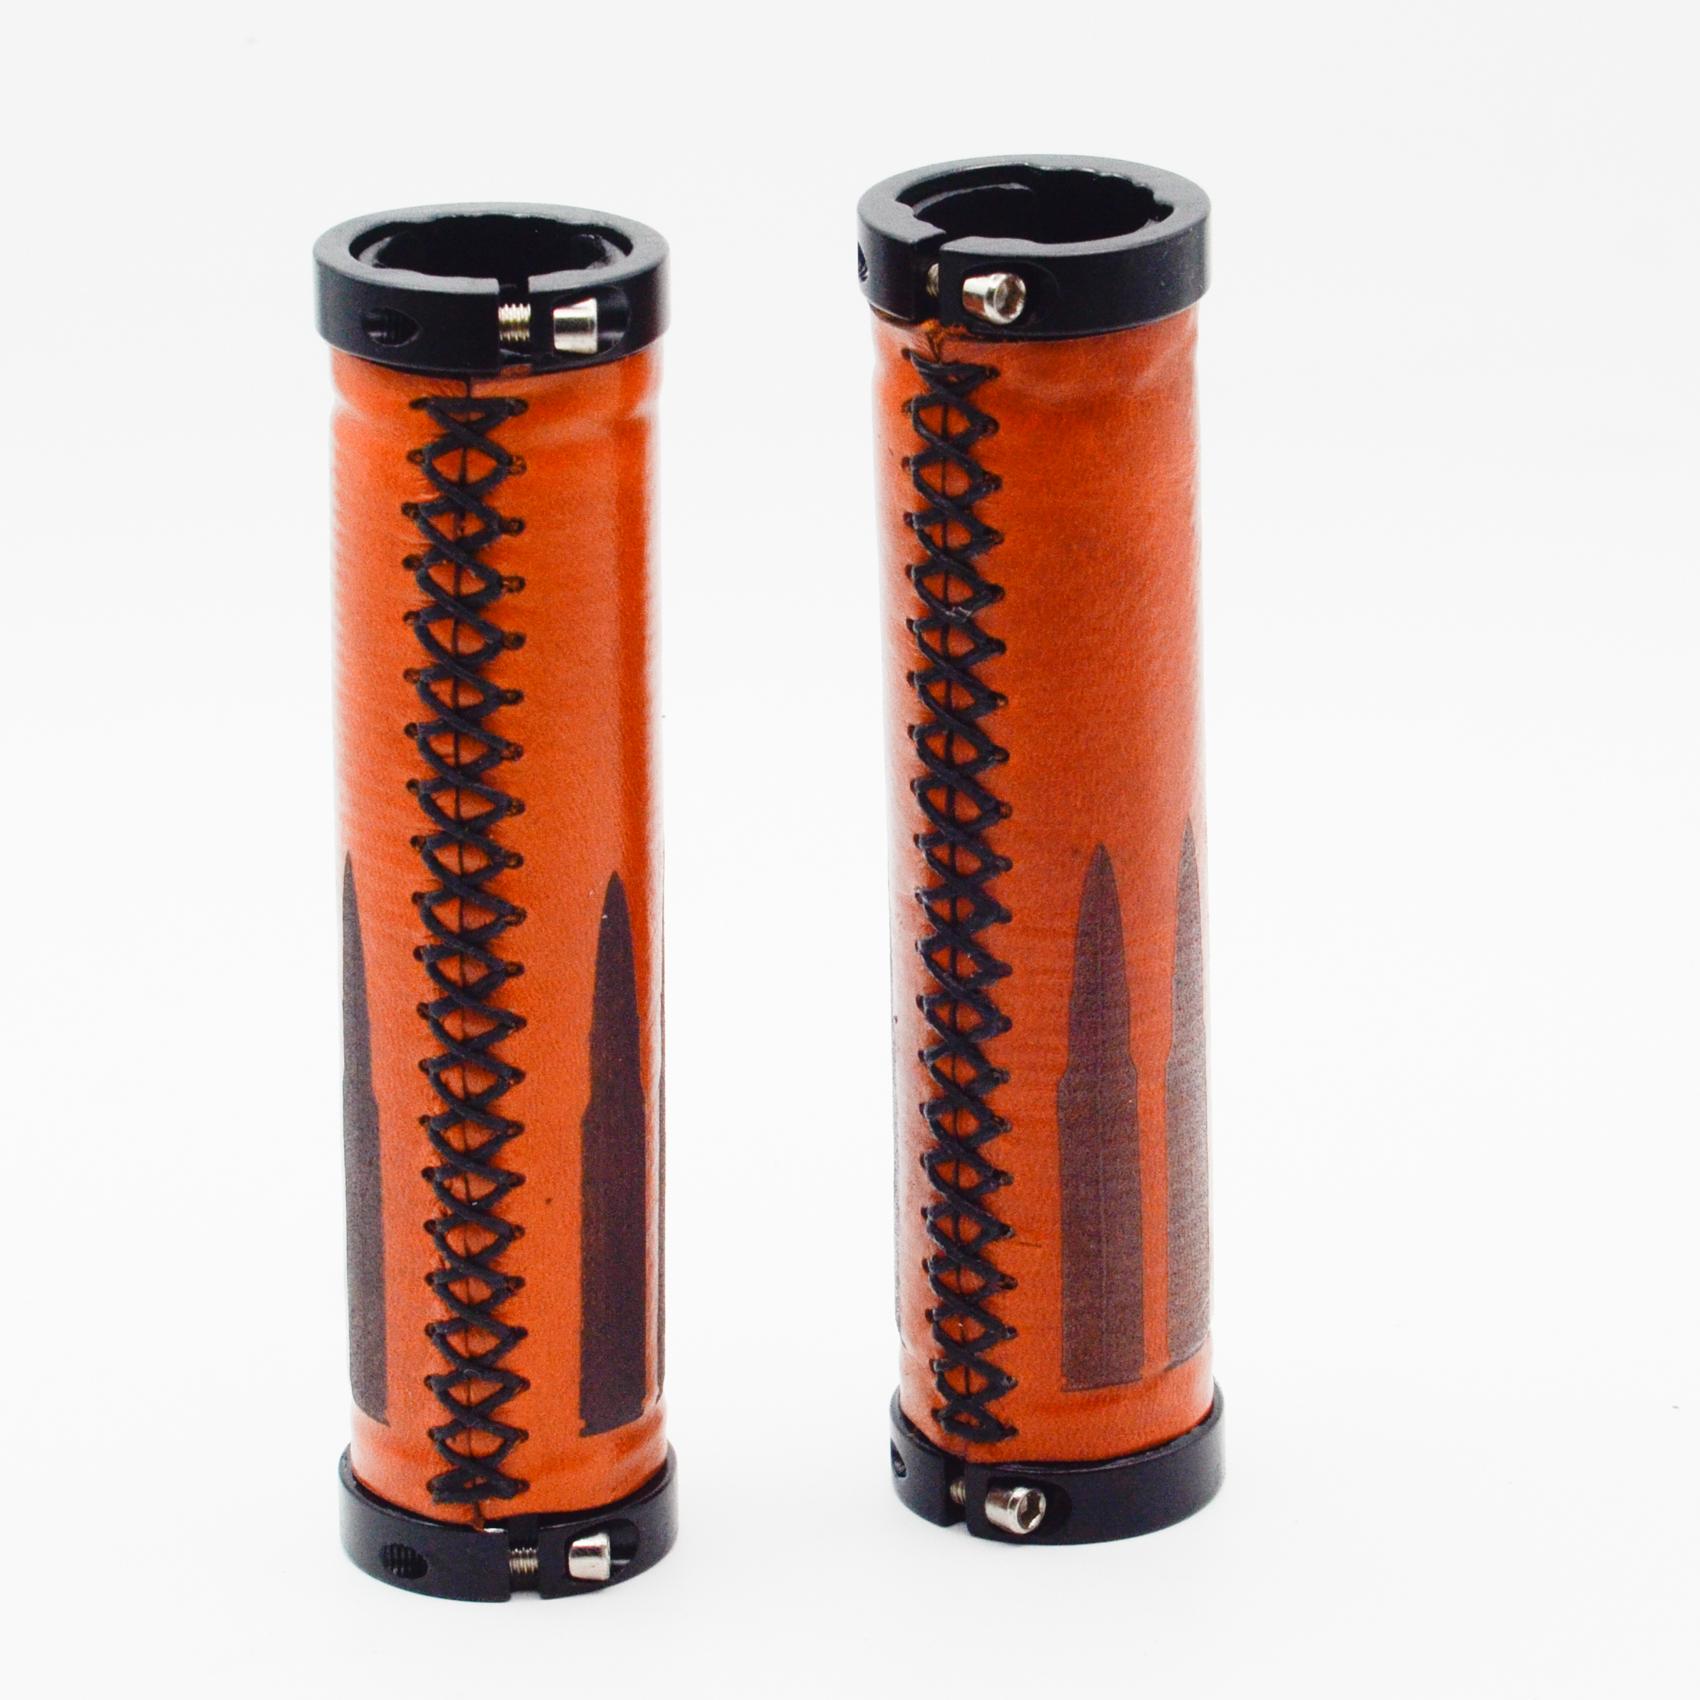 Fizik Apocalypse Now-saddle orange- lehcycling goods-3.jpg